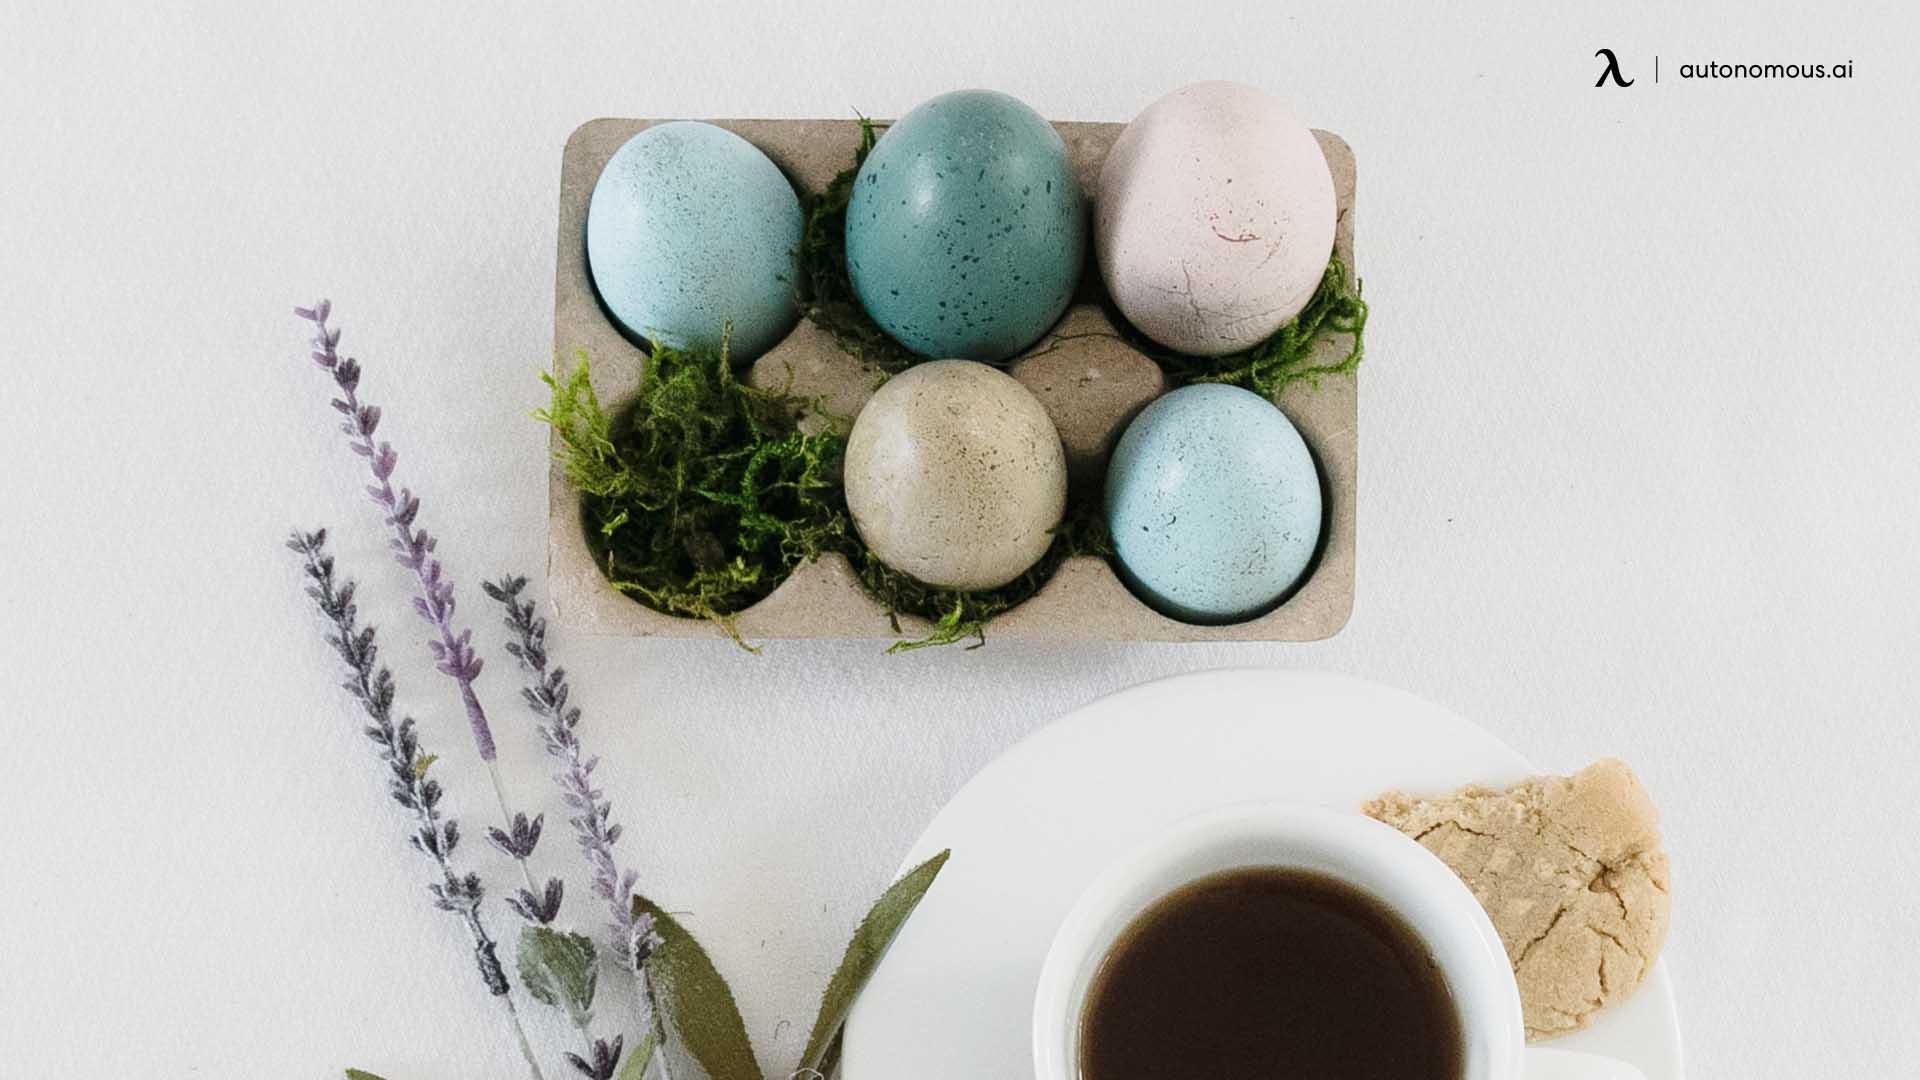 Easter Egg Carton Planters